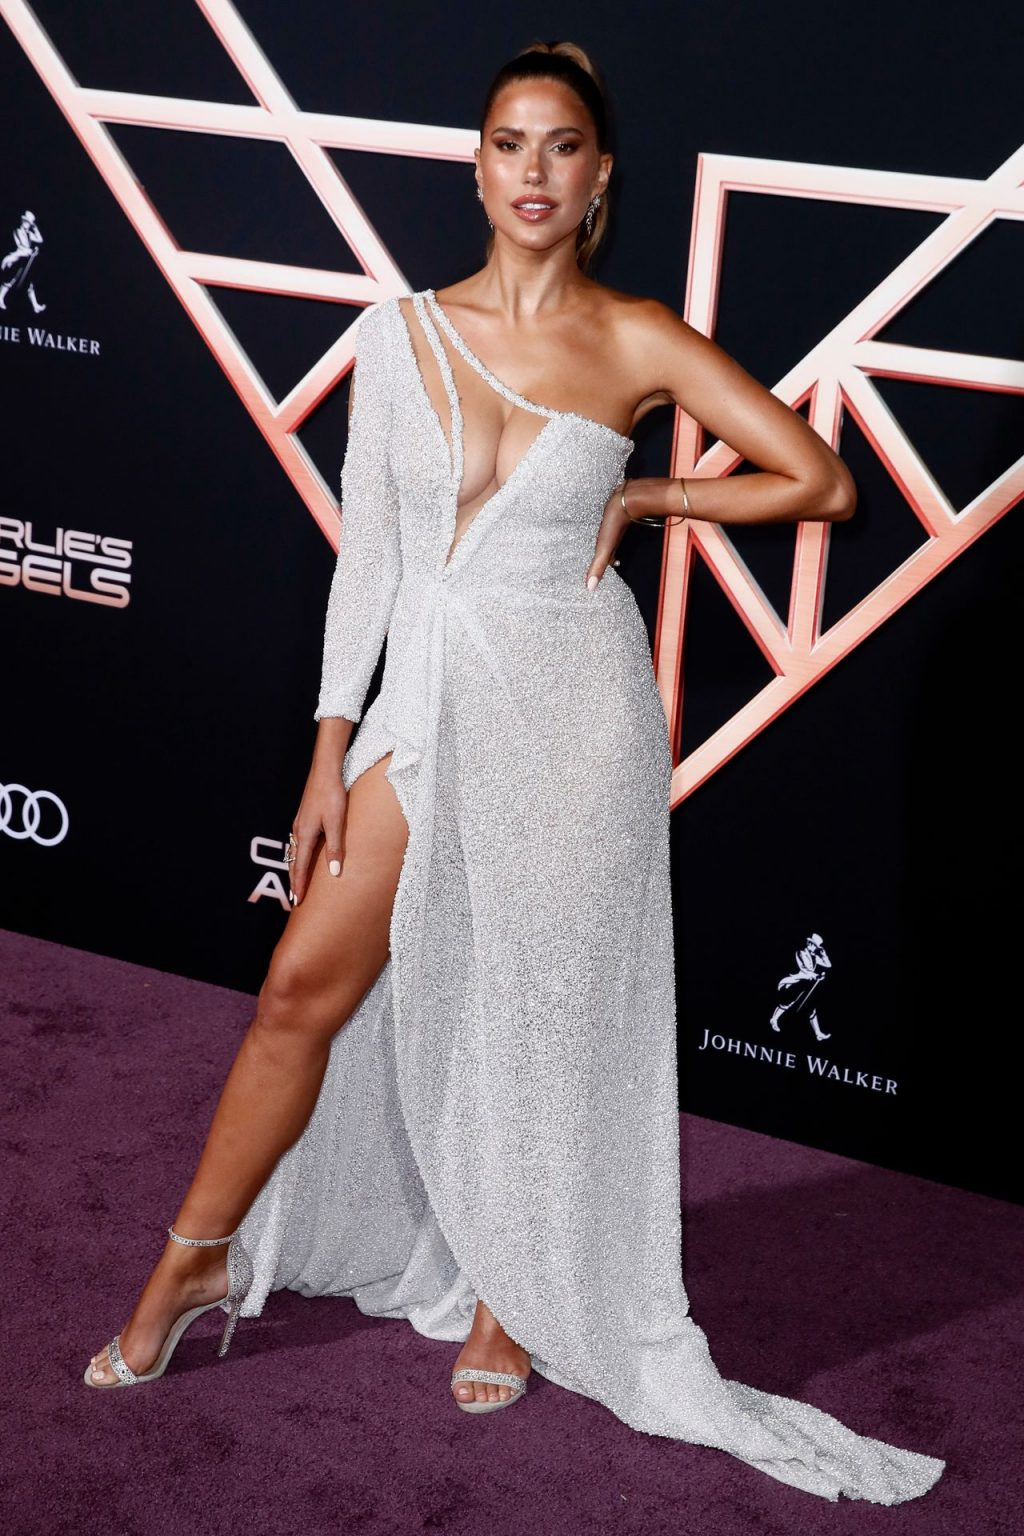 Kara Del Toro Erotic